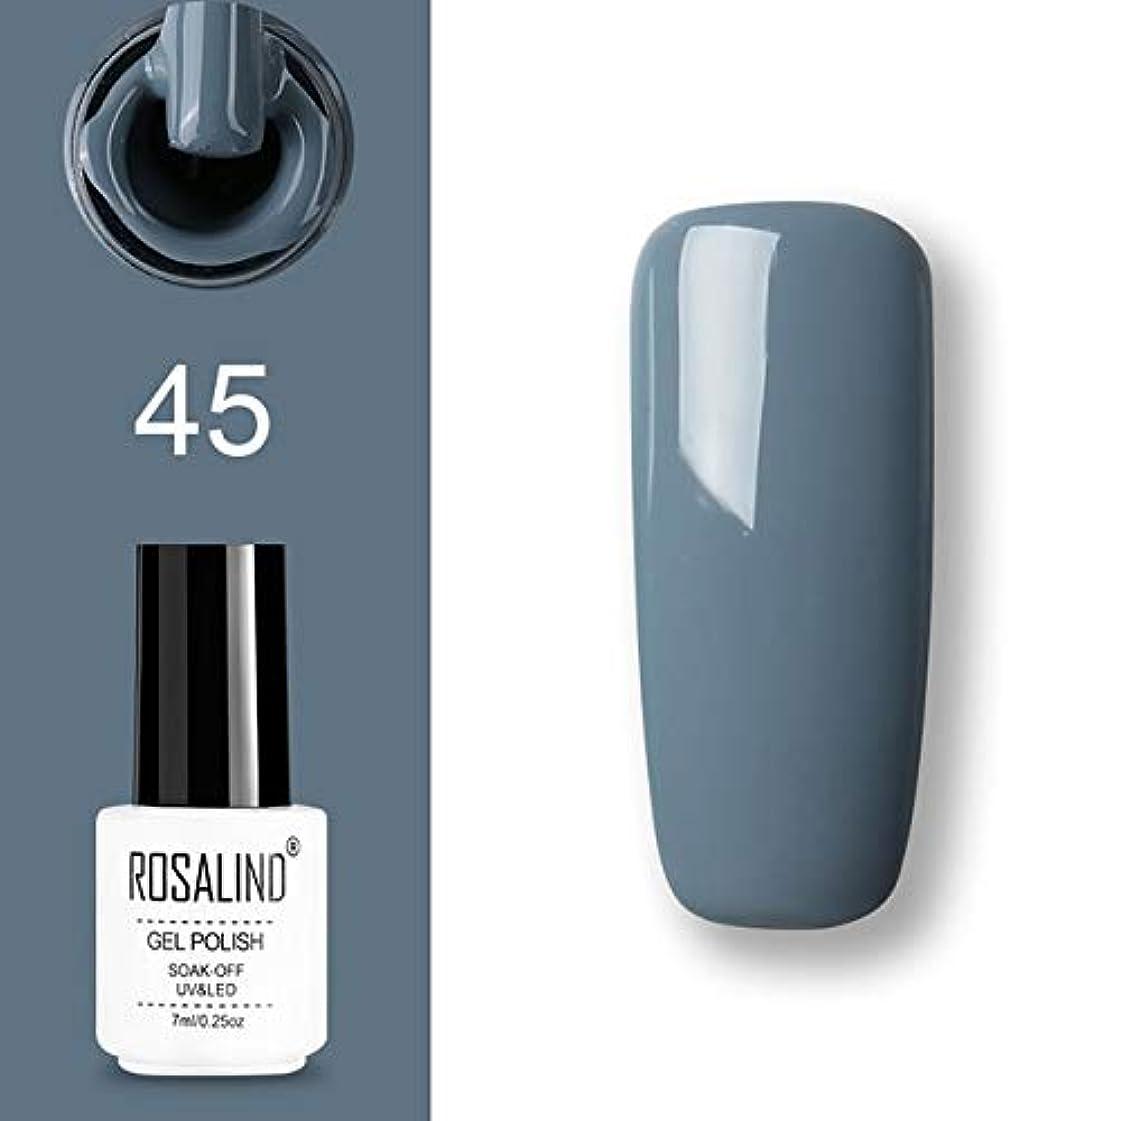 ラバ理容師装置ファッションアイテム ROSALINDジェルポリッシュセットUV半永久プライマートップコートポリジェルニスネイルアートマニキュアジェル、容量:7ml 45ネイルポリッシュ 環境に優しいマニキュア